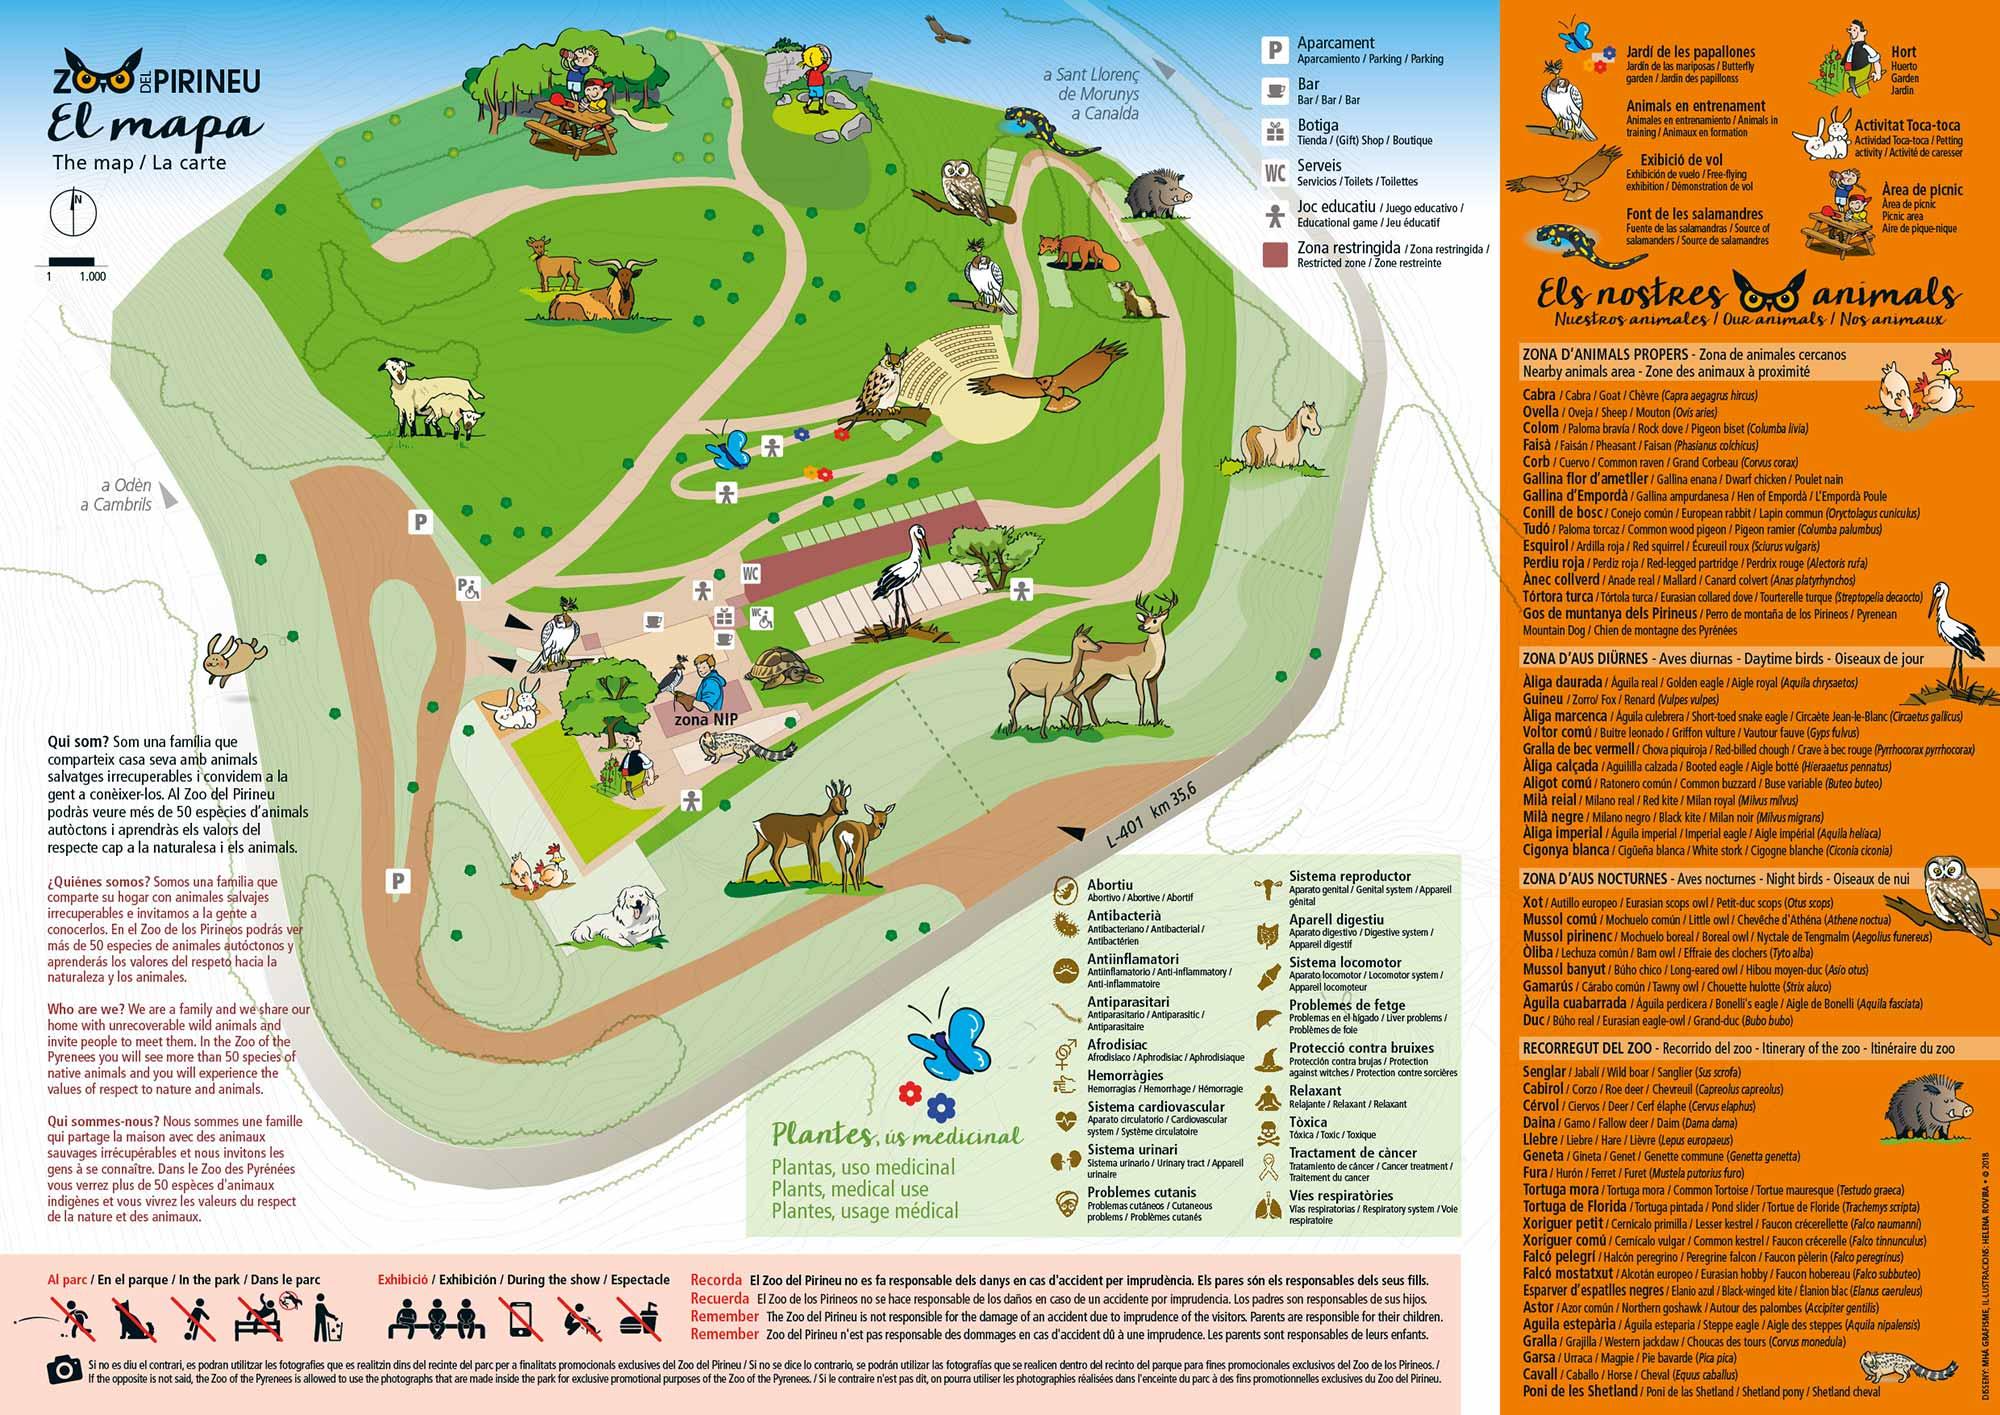 Mapa de las instalaciones de Zoo del Pirineu